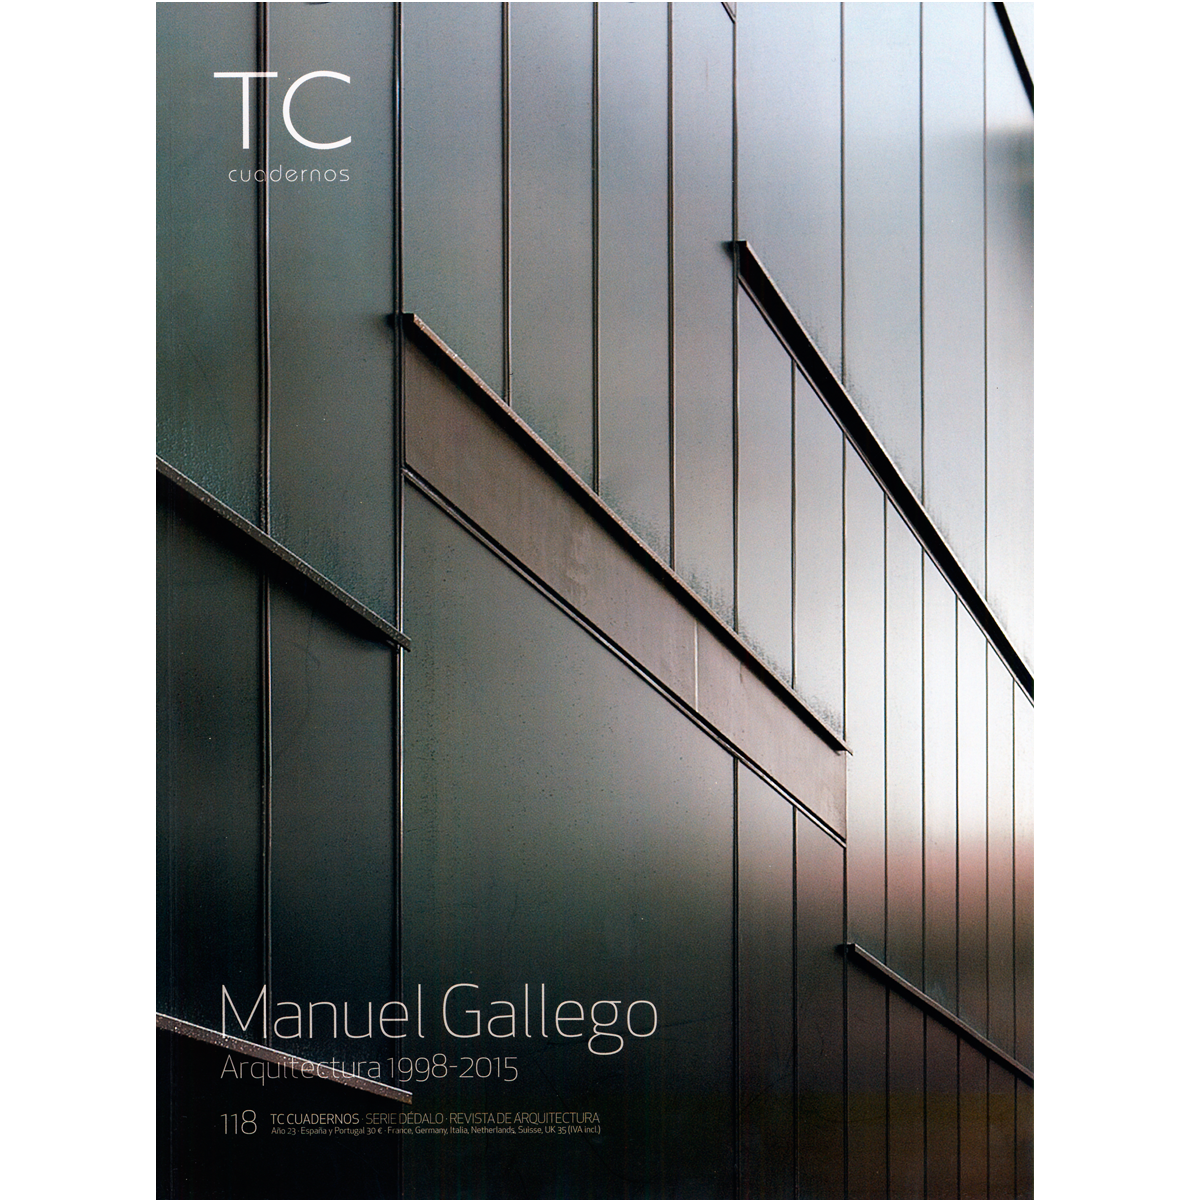 TC Cuadernos: Manuel Gallego